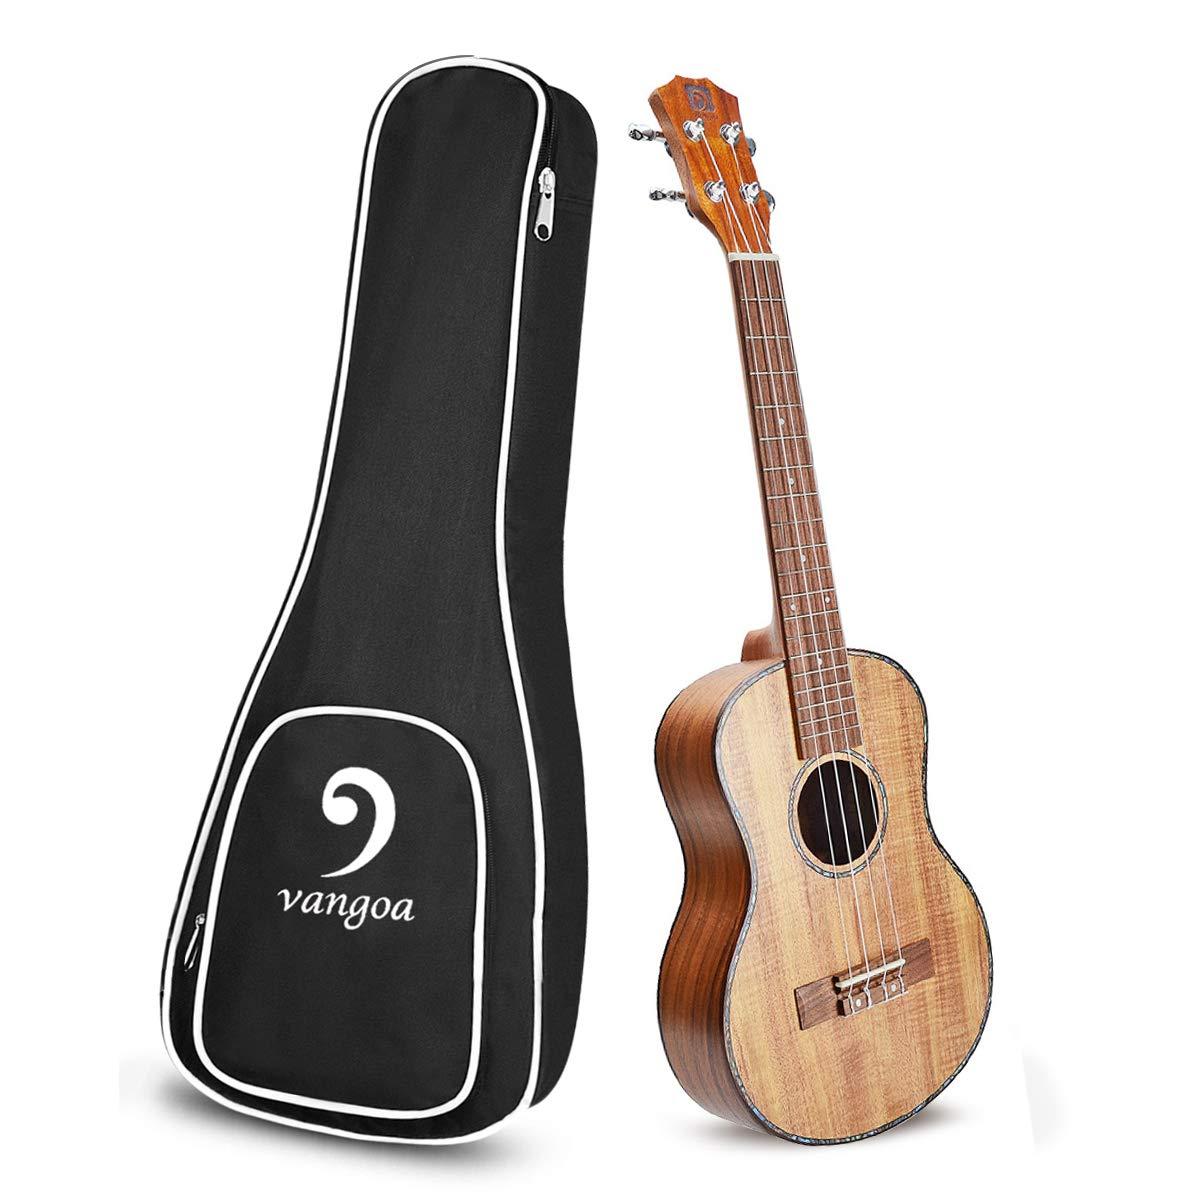 Acoustic Tenor Ukulele KOA Portable Ukelele 26 inch Beginners Starter Kit Acoustic Ukulele Professional with Accessories by Vangoa